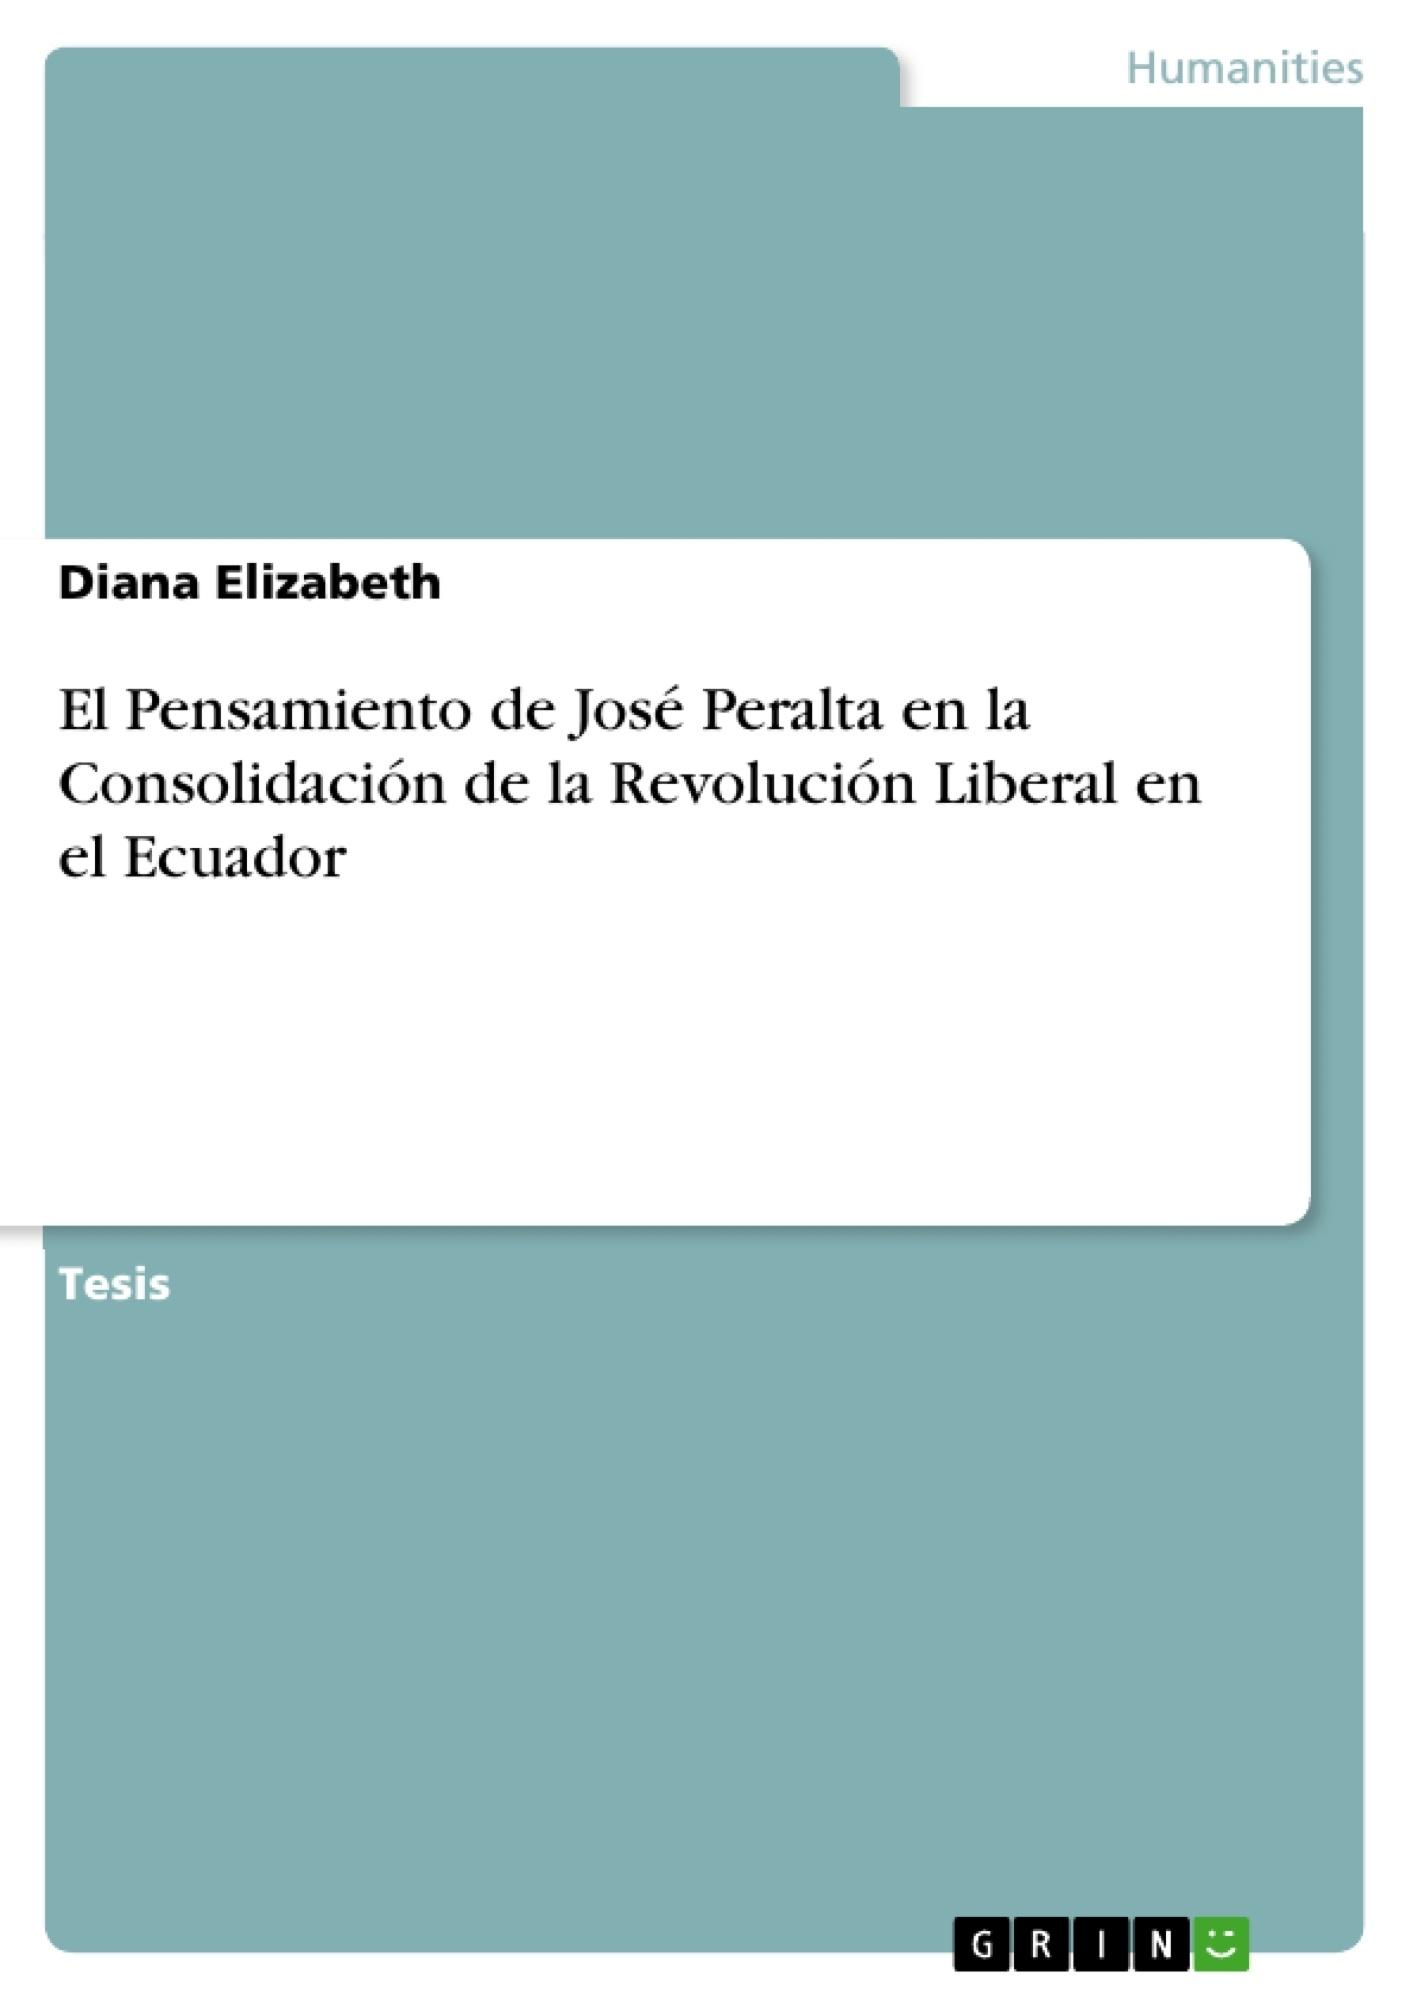 Título: El Pensamiento de José Peralta en la Consolidación de la Revolución Liberal en el Ecuador